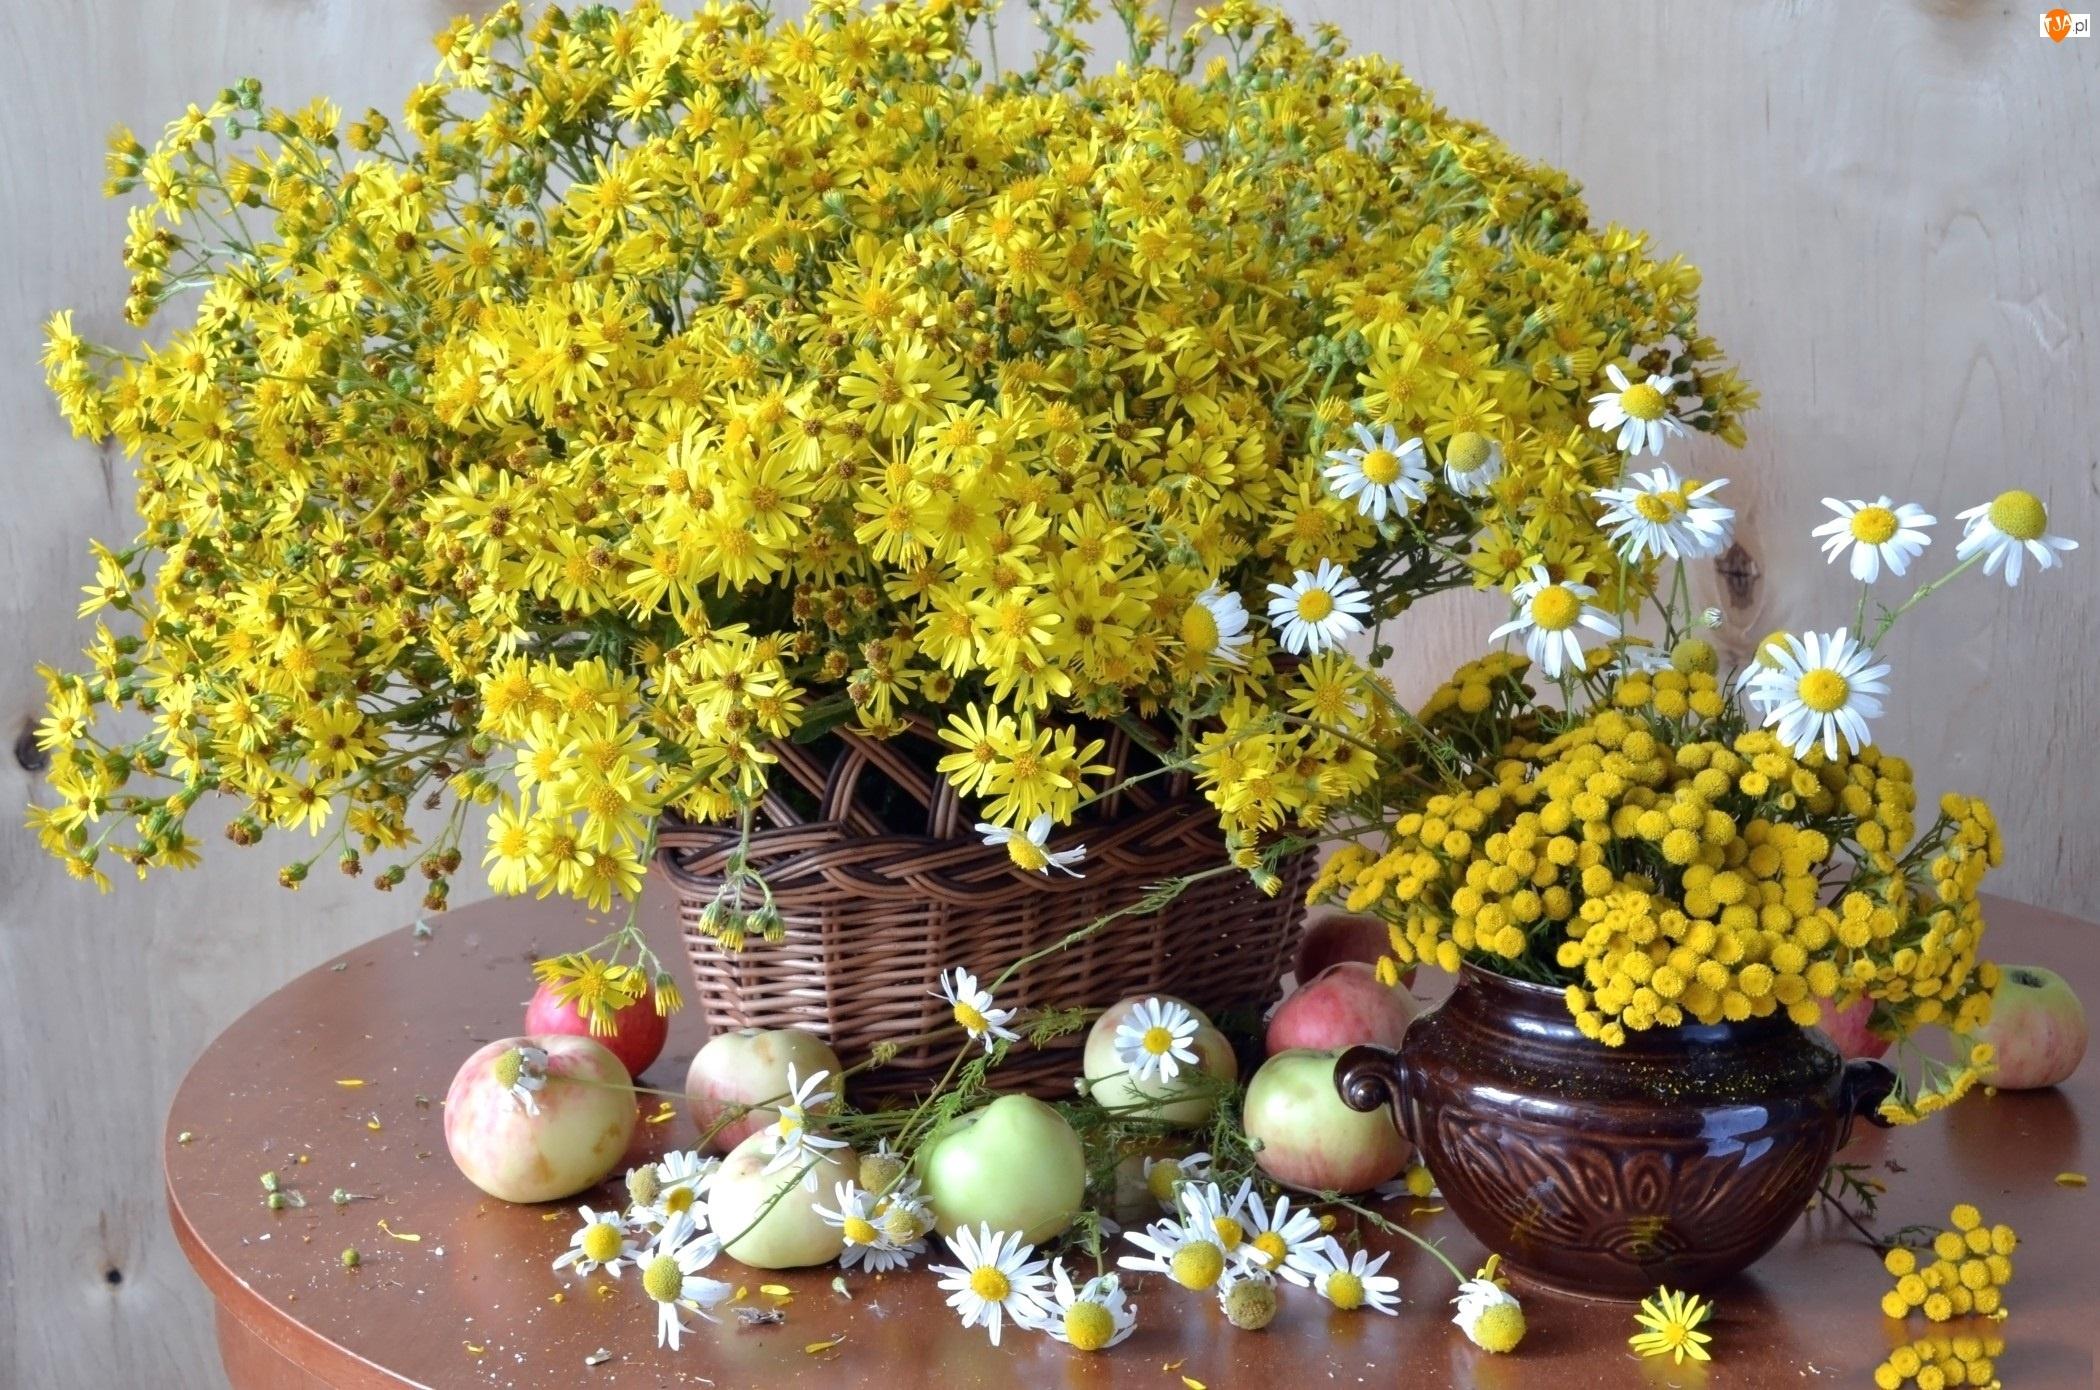 Bukiet, Jablka, Kwiaty, Polne